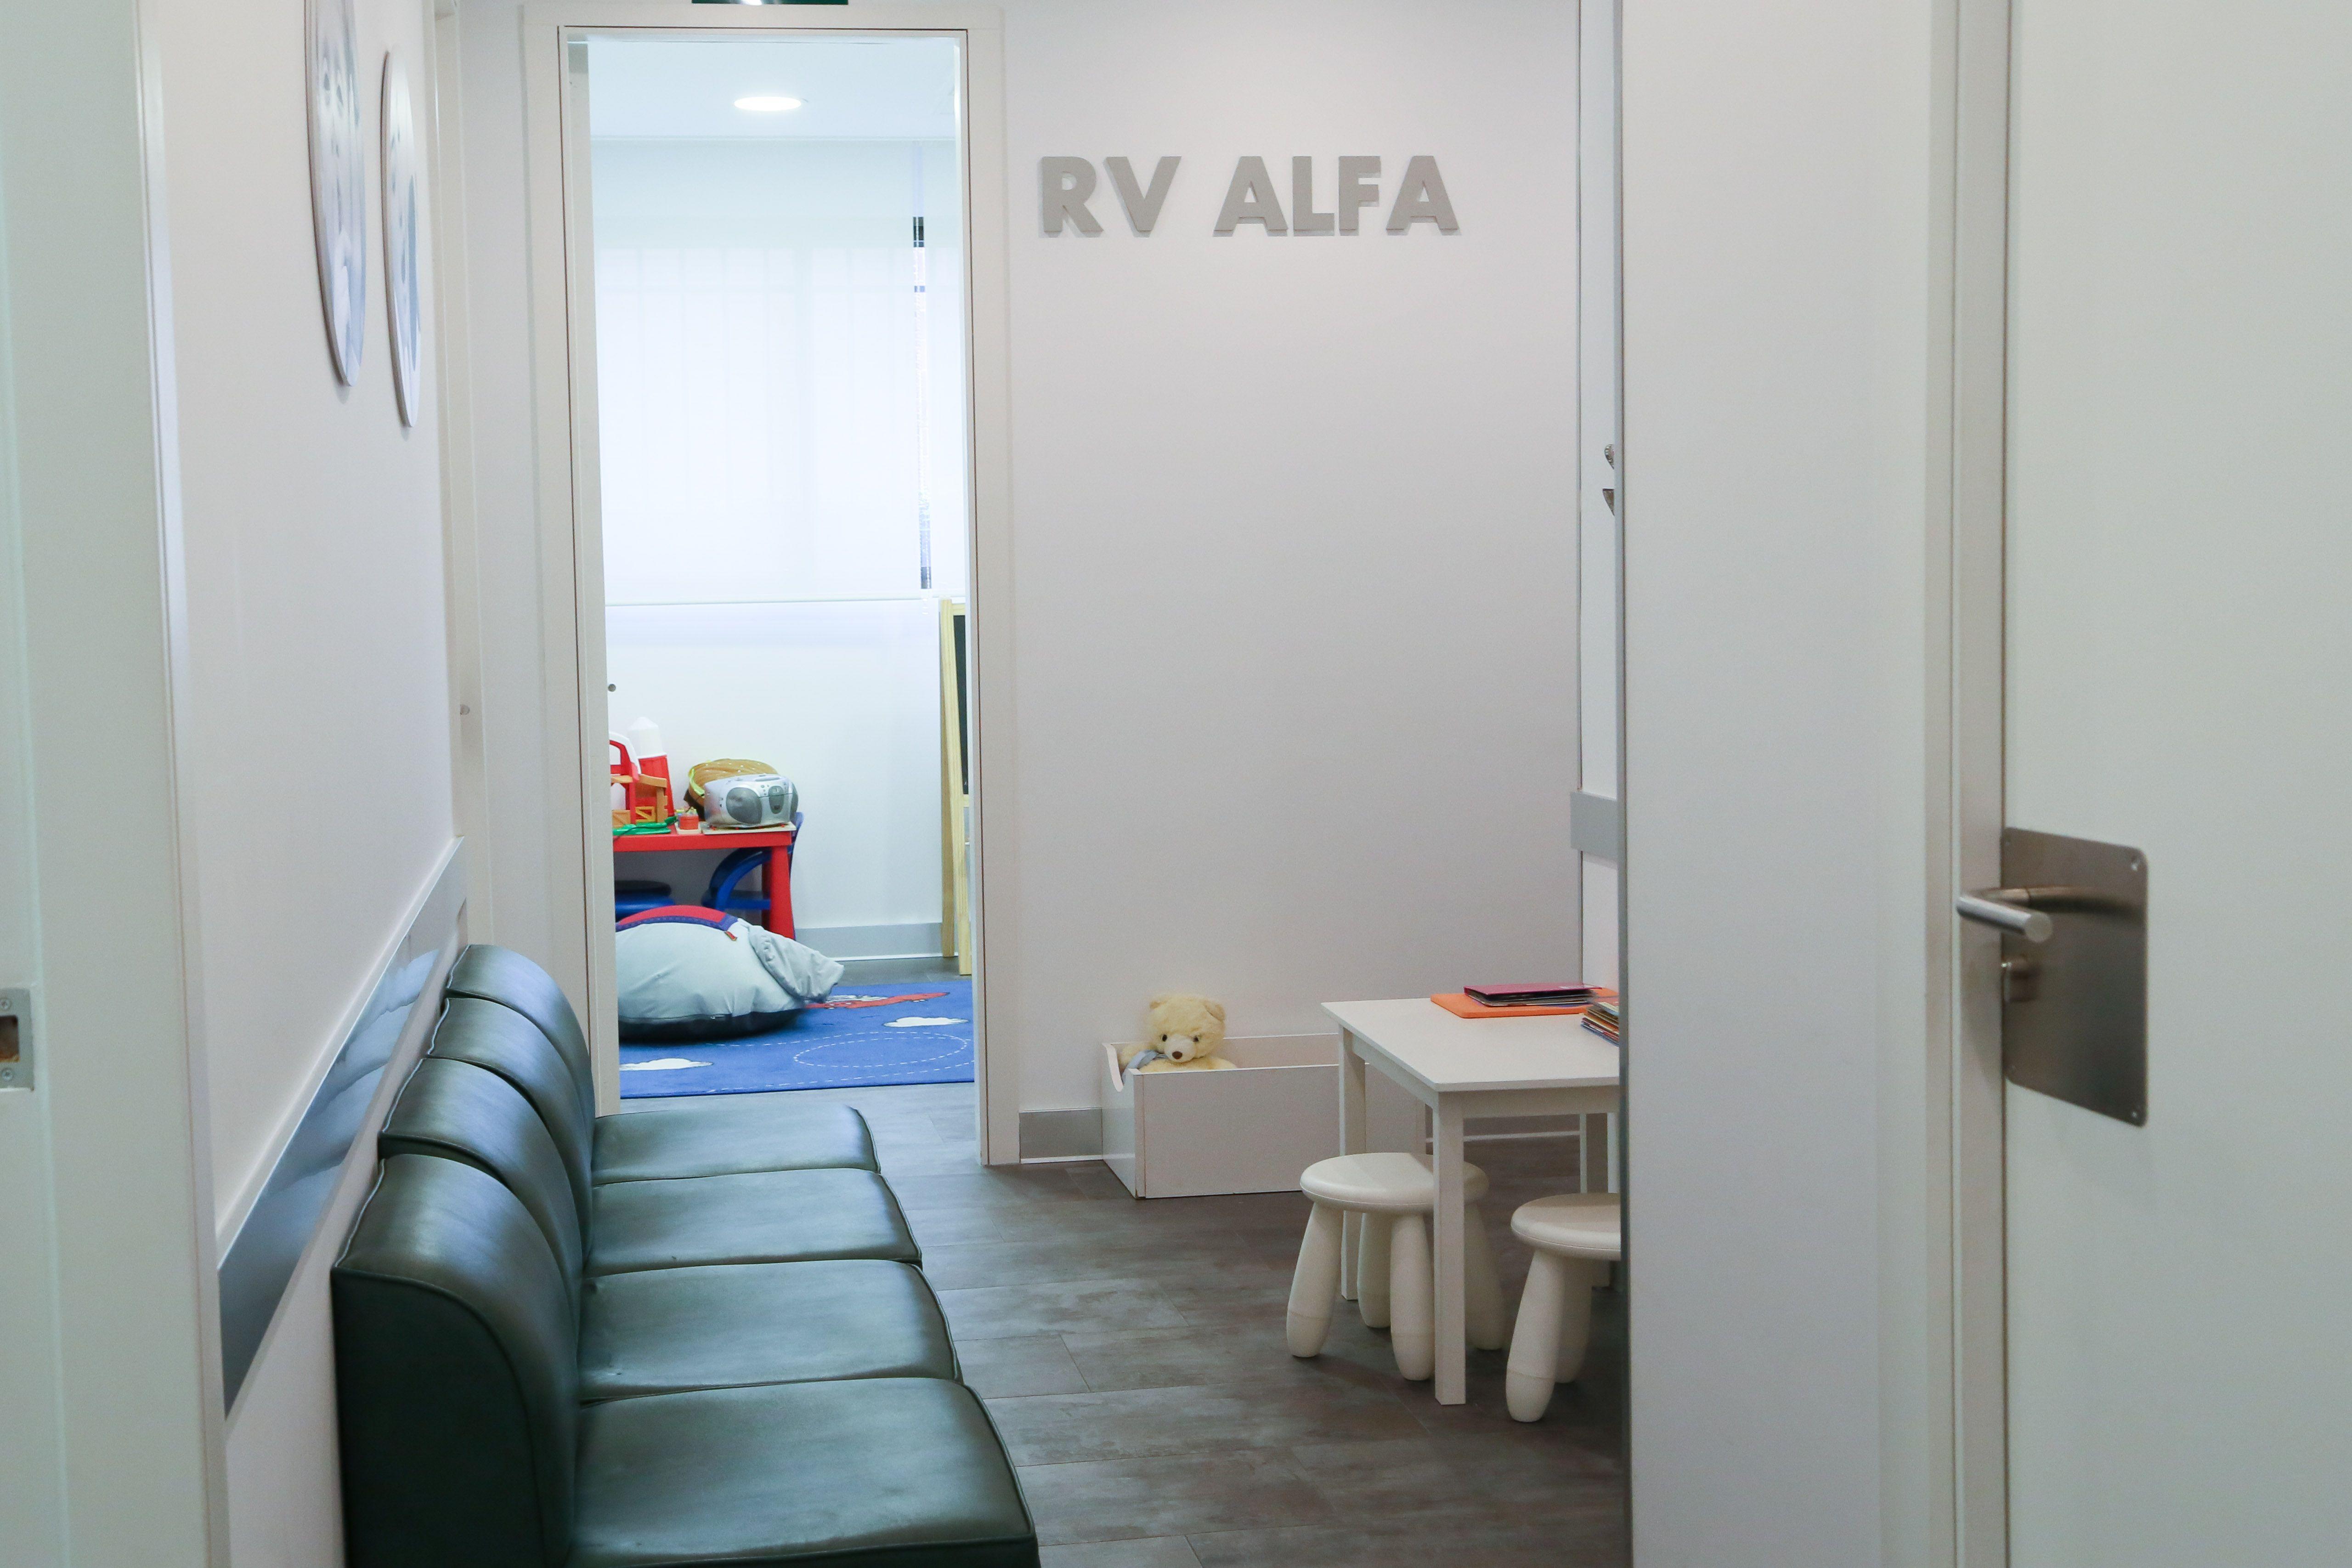 RV ALFA Instalaciones